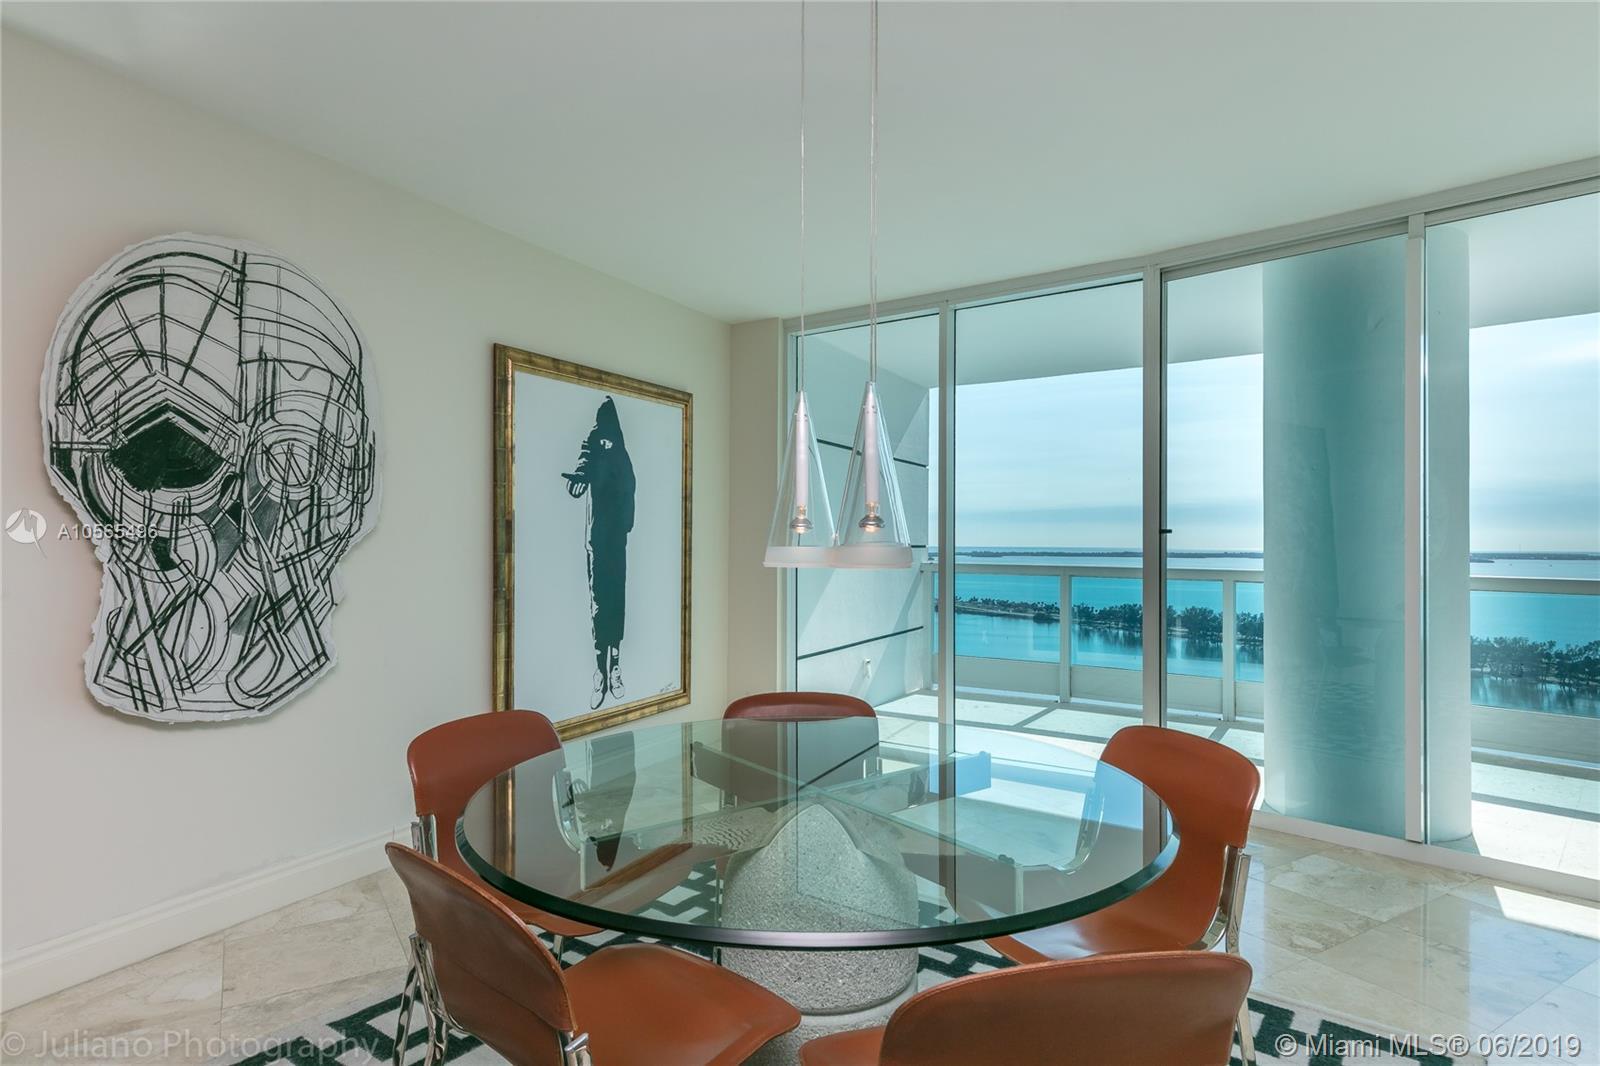 2127 Brickell Avenue, Miami, FL 33129, Bristol Tower Condominium #2902, Brickell, Miami A10565496 image #9